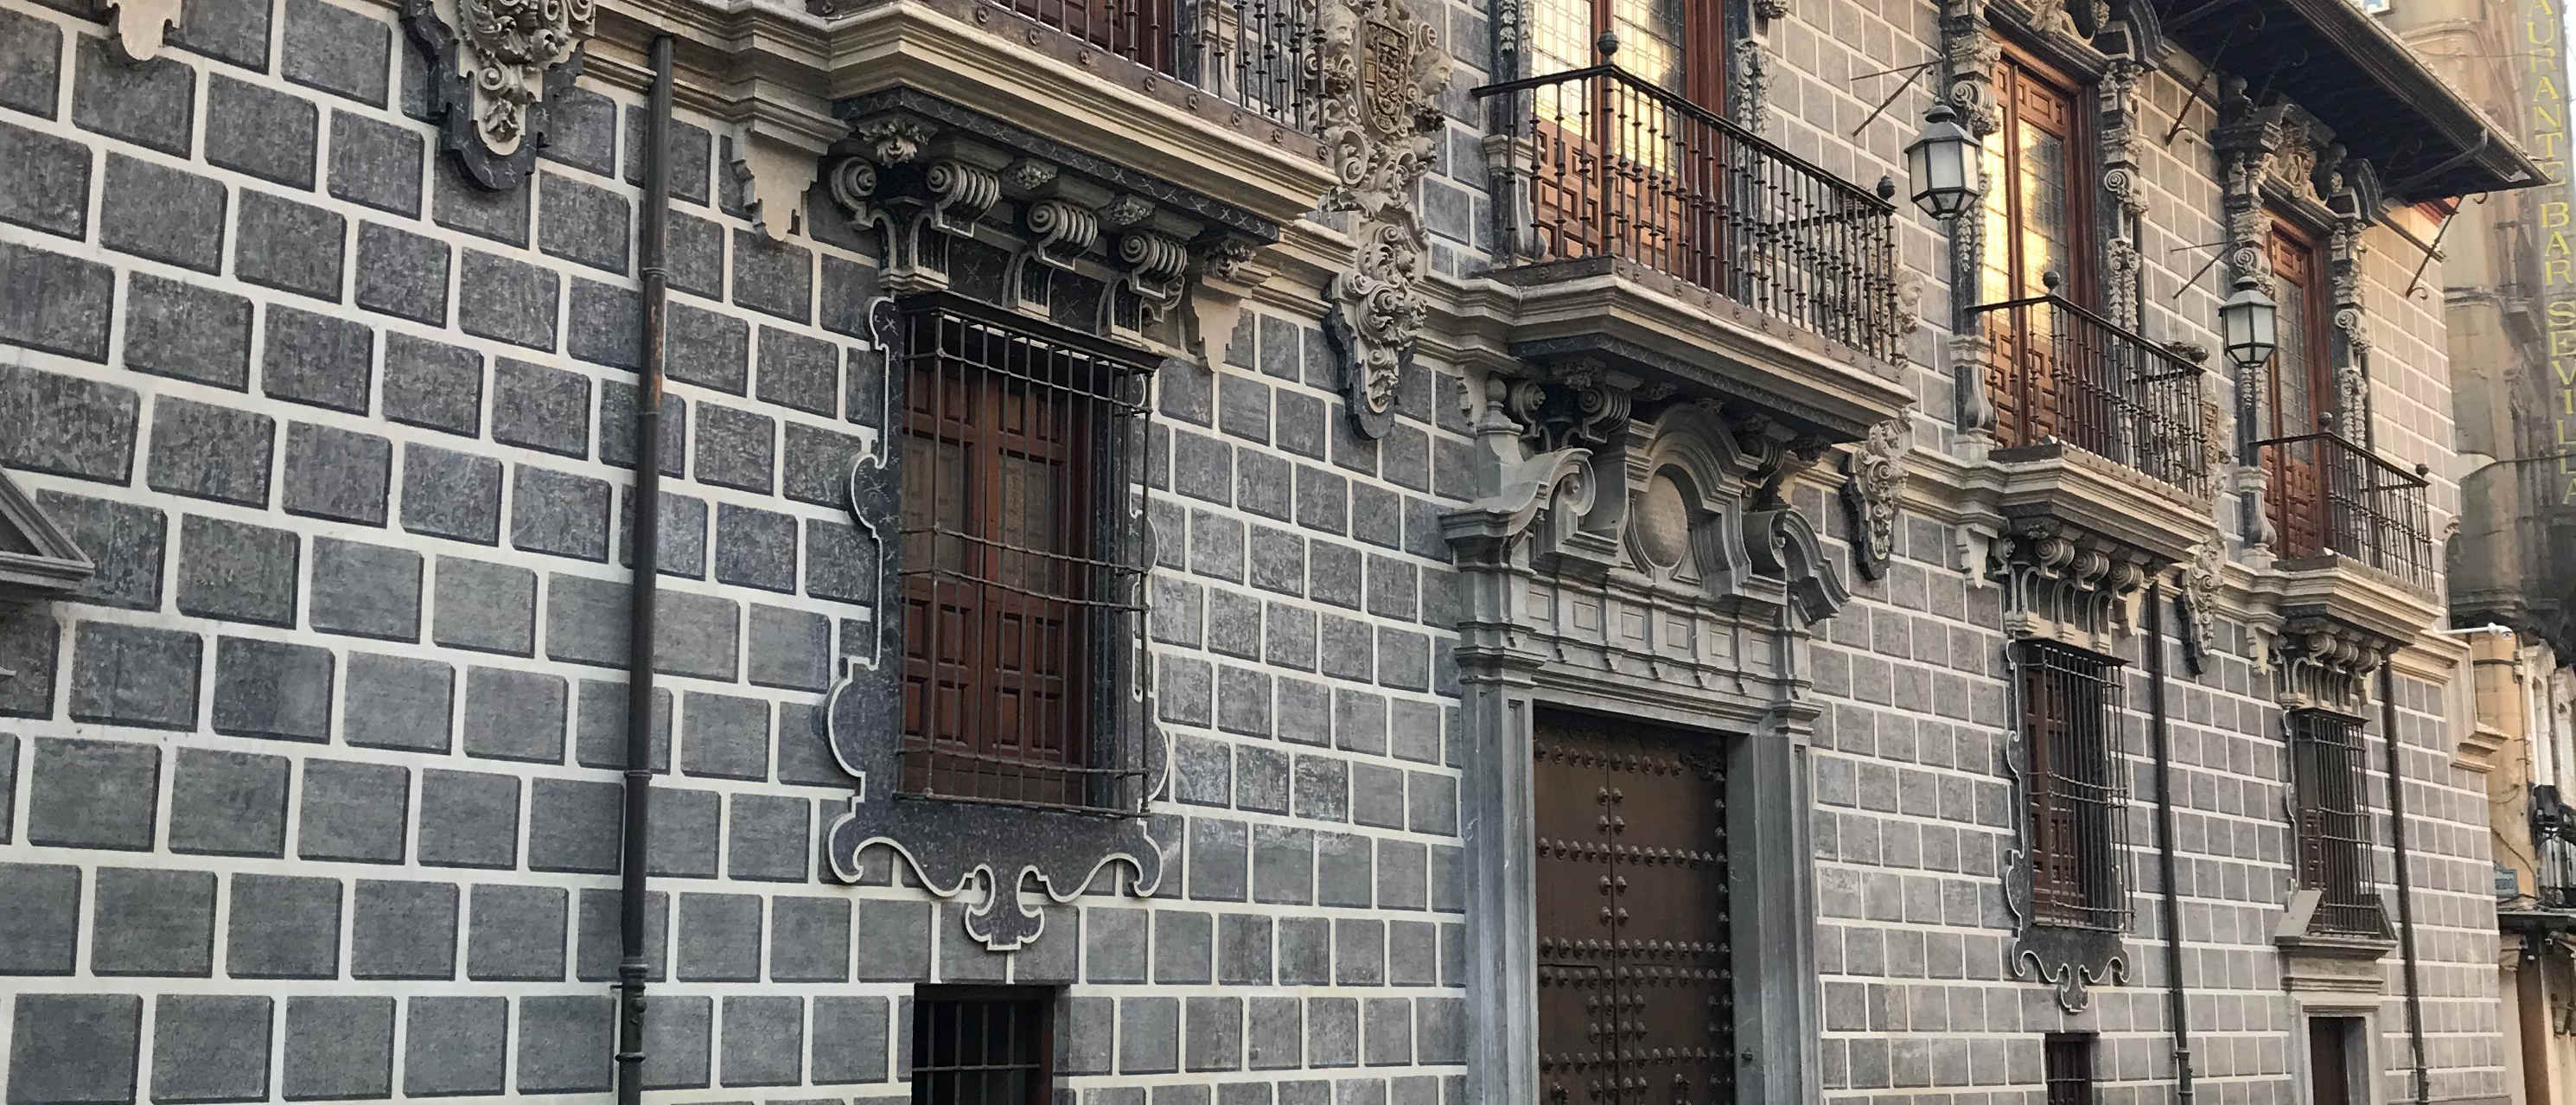 Foto fecha de un edificio lateral, se ve a la izquierda un muro de grandes bloques de piedra pintados en negro y blando, con balcones en la planta alta y ventanas en la parte baja, se ve la puerta en el centro cerrada